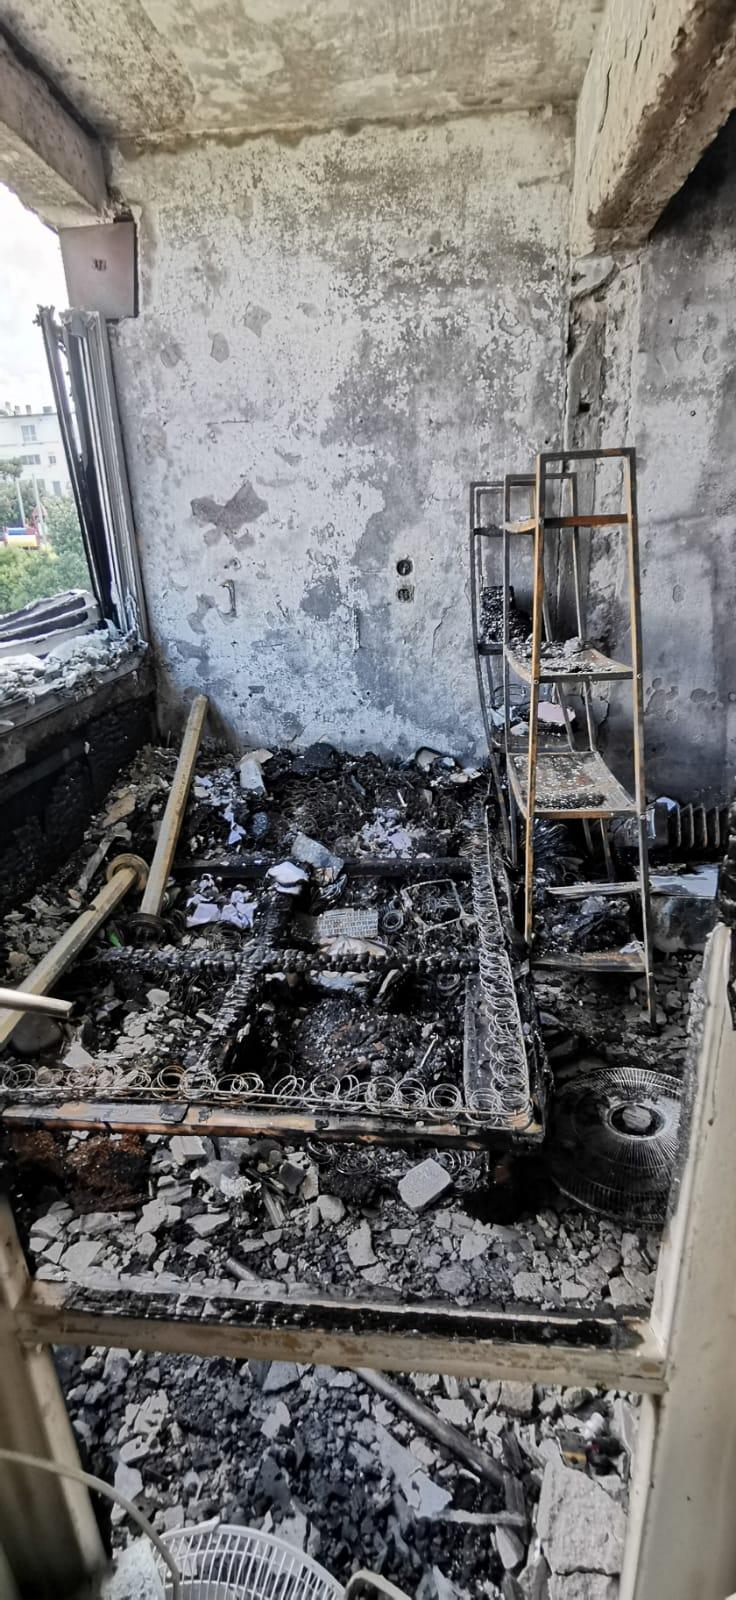 נגע ללב. הבית השרוף. צילום עצמי